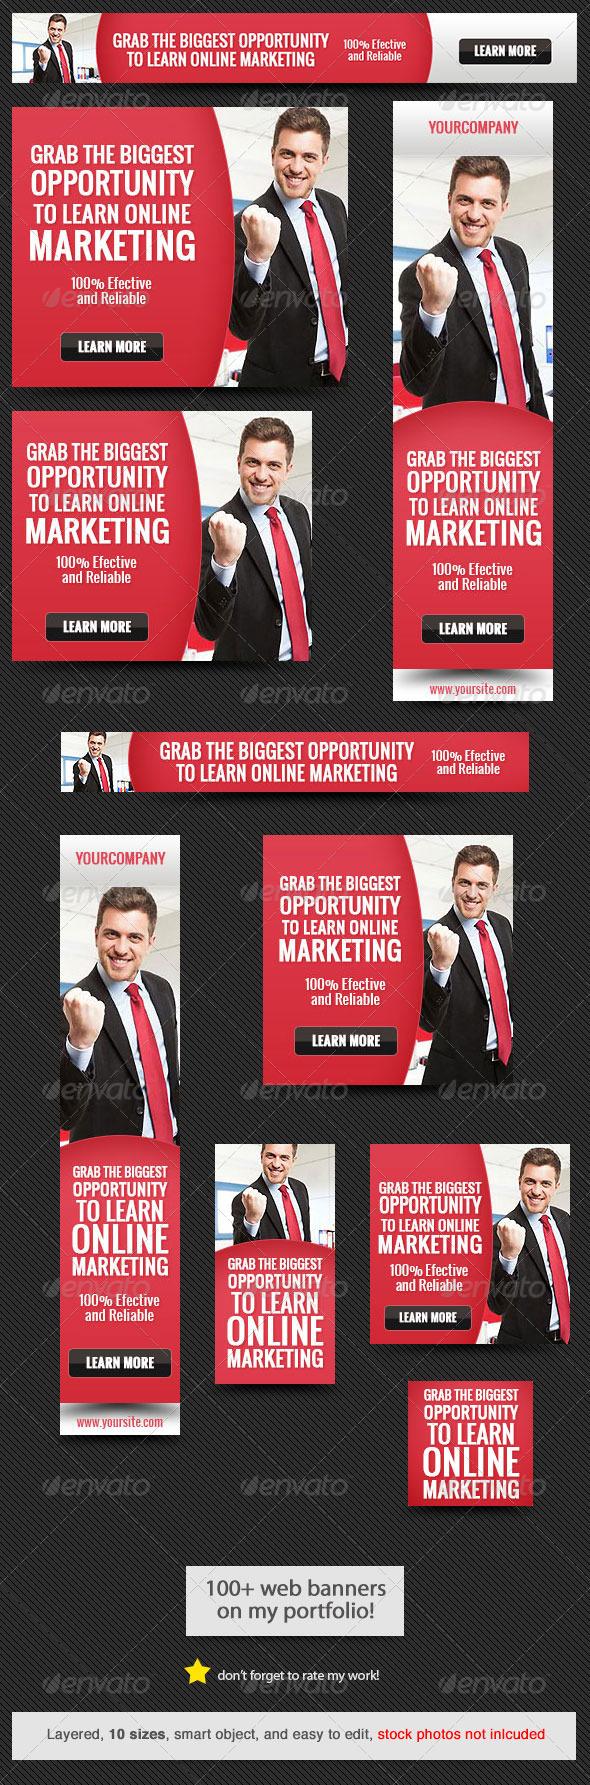 GraphicRiver Corporate Web Banner Design Template 37 7761768